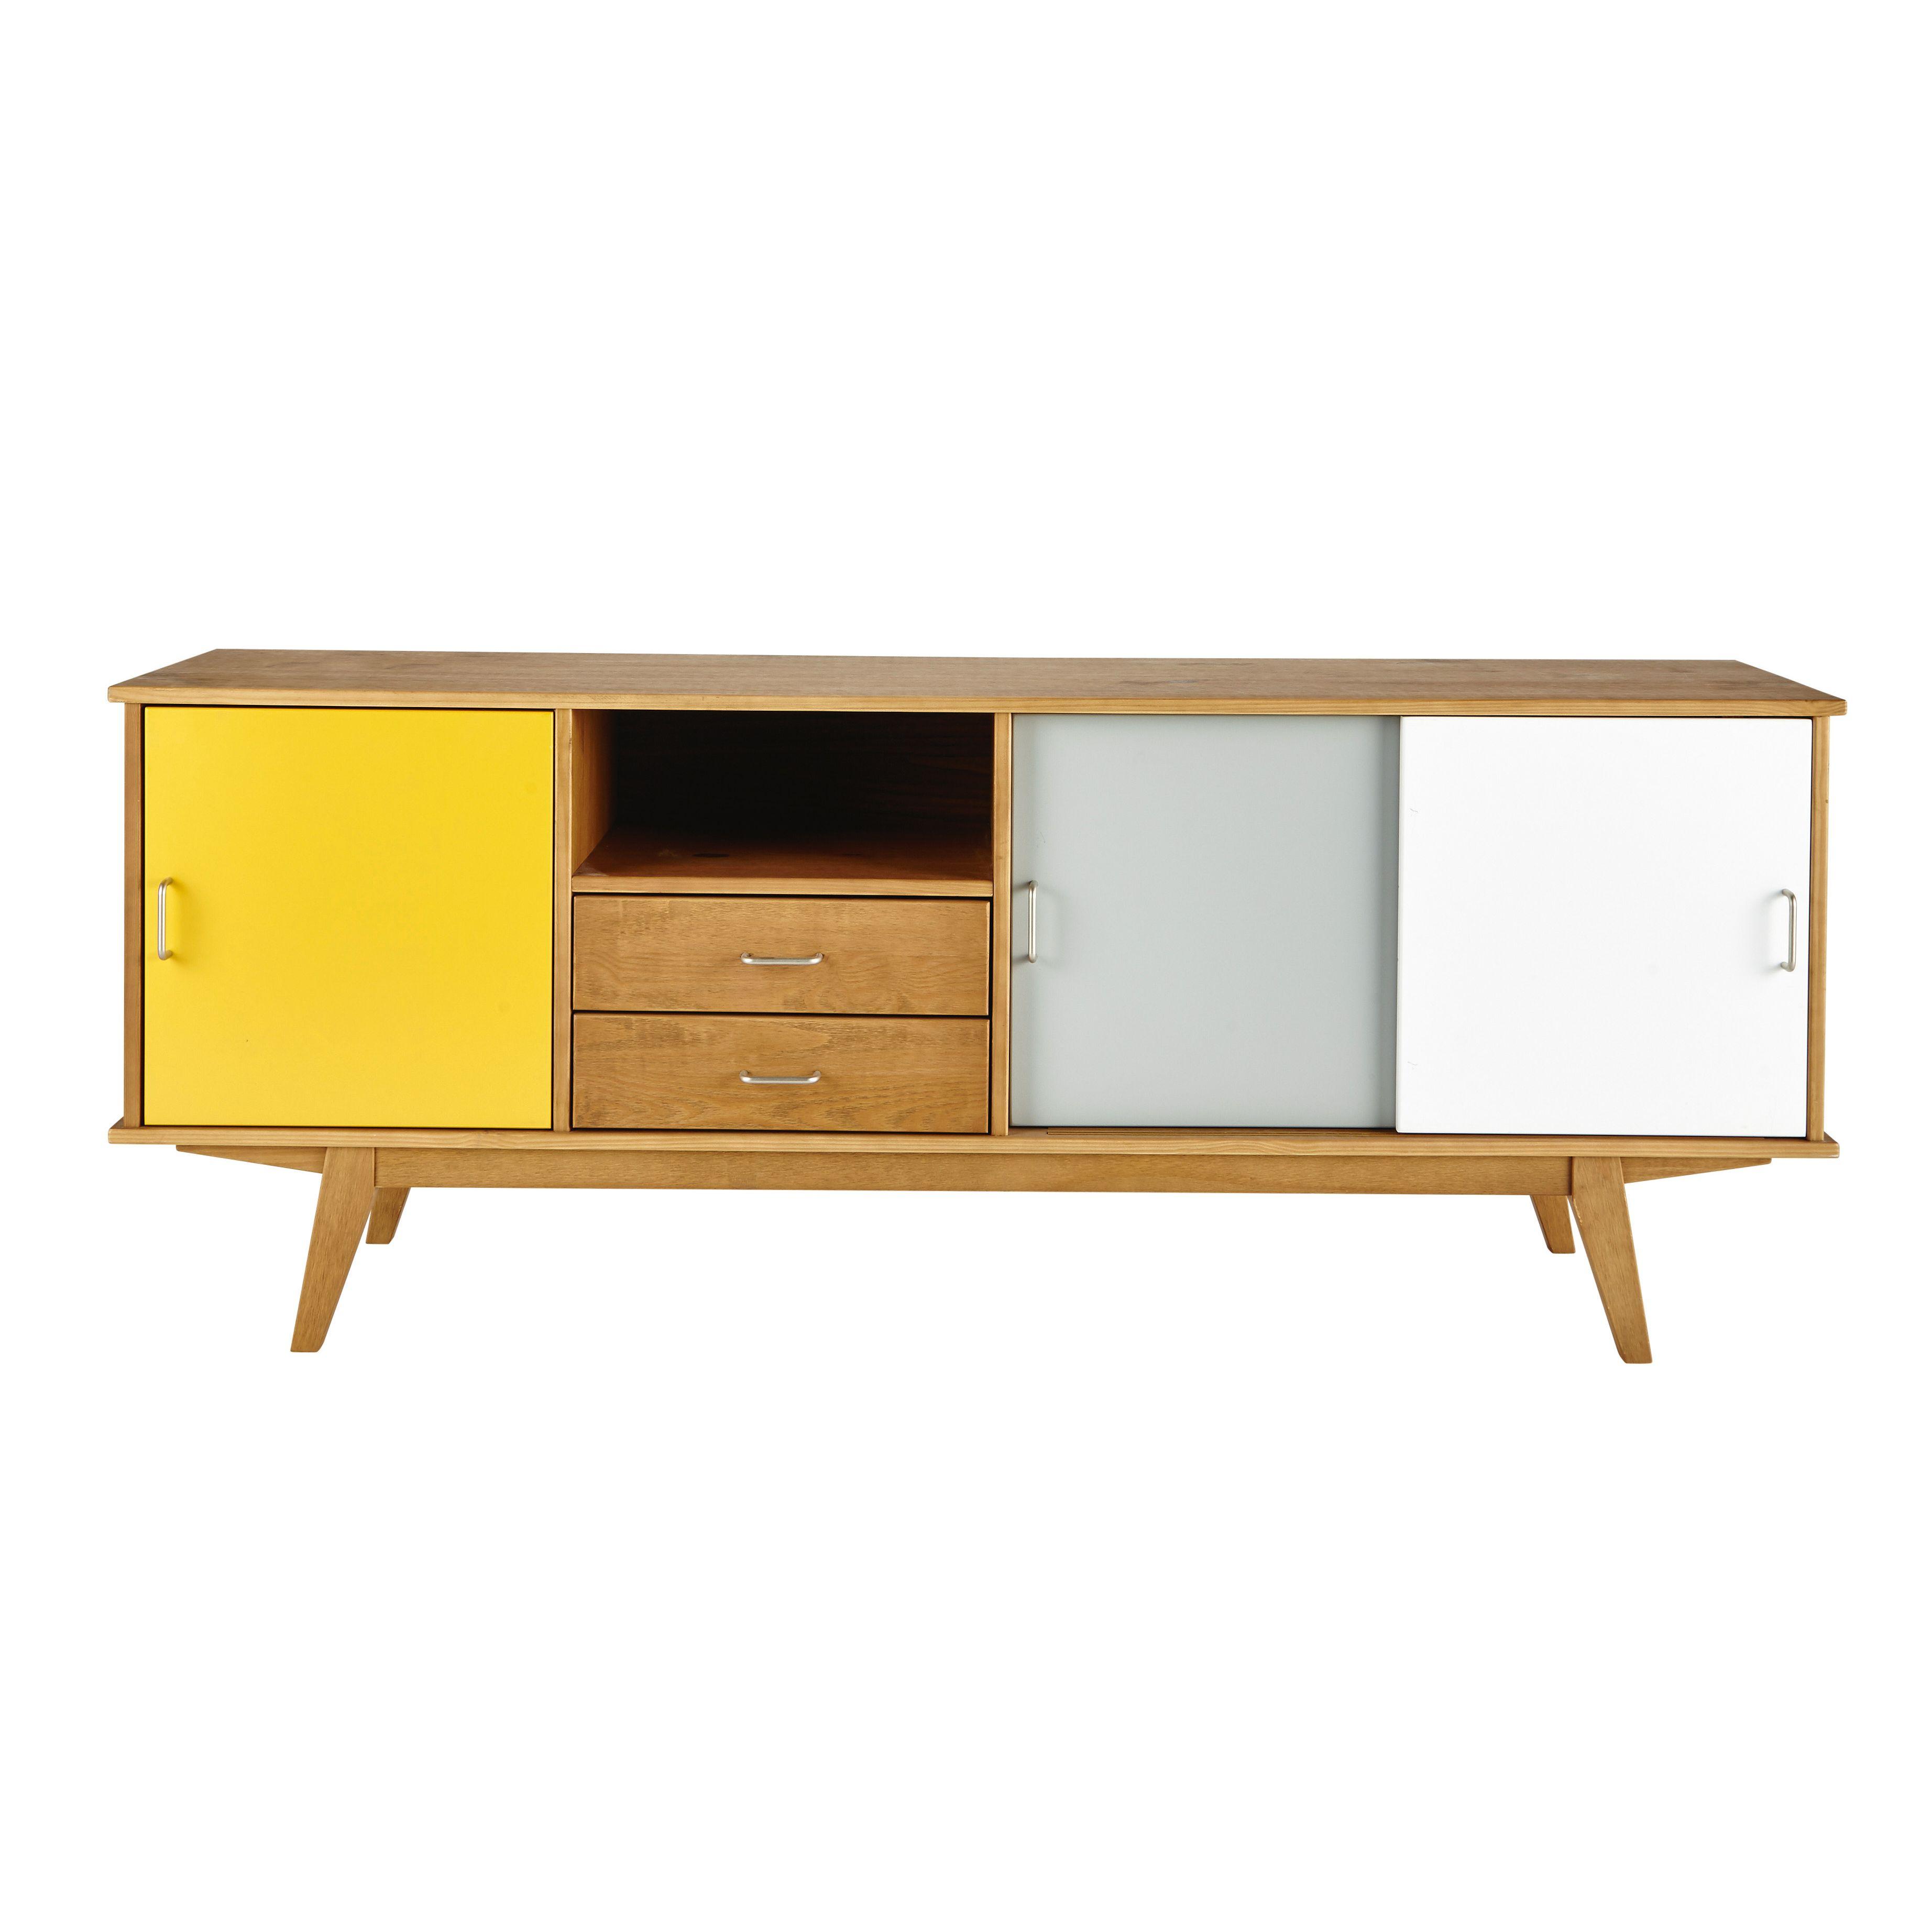 credenza bassa vintage giallagrigiabianca in legno l 180 cm - Meuble Tv Vintage Andersen